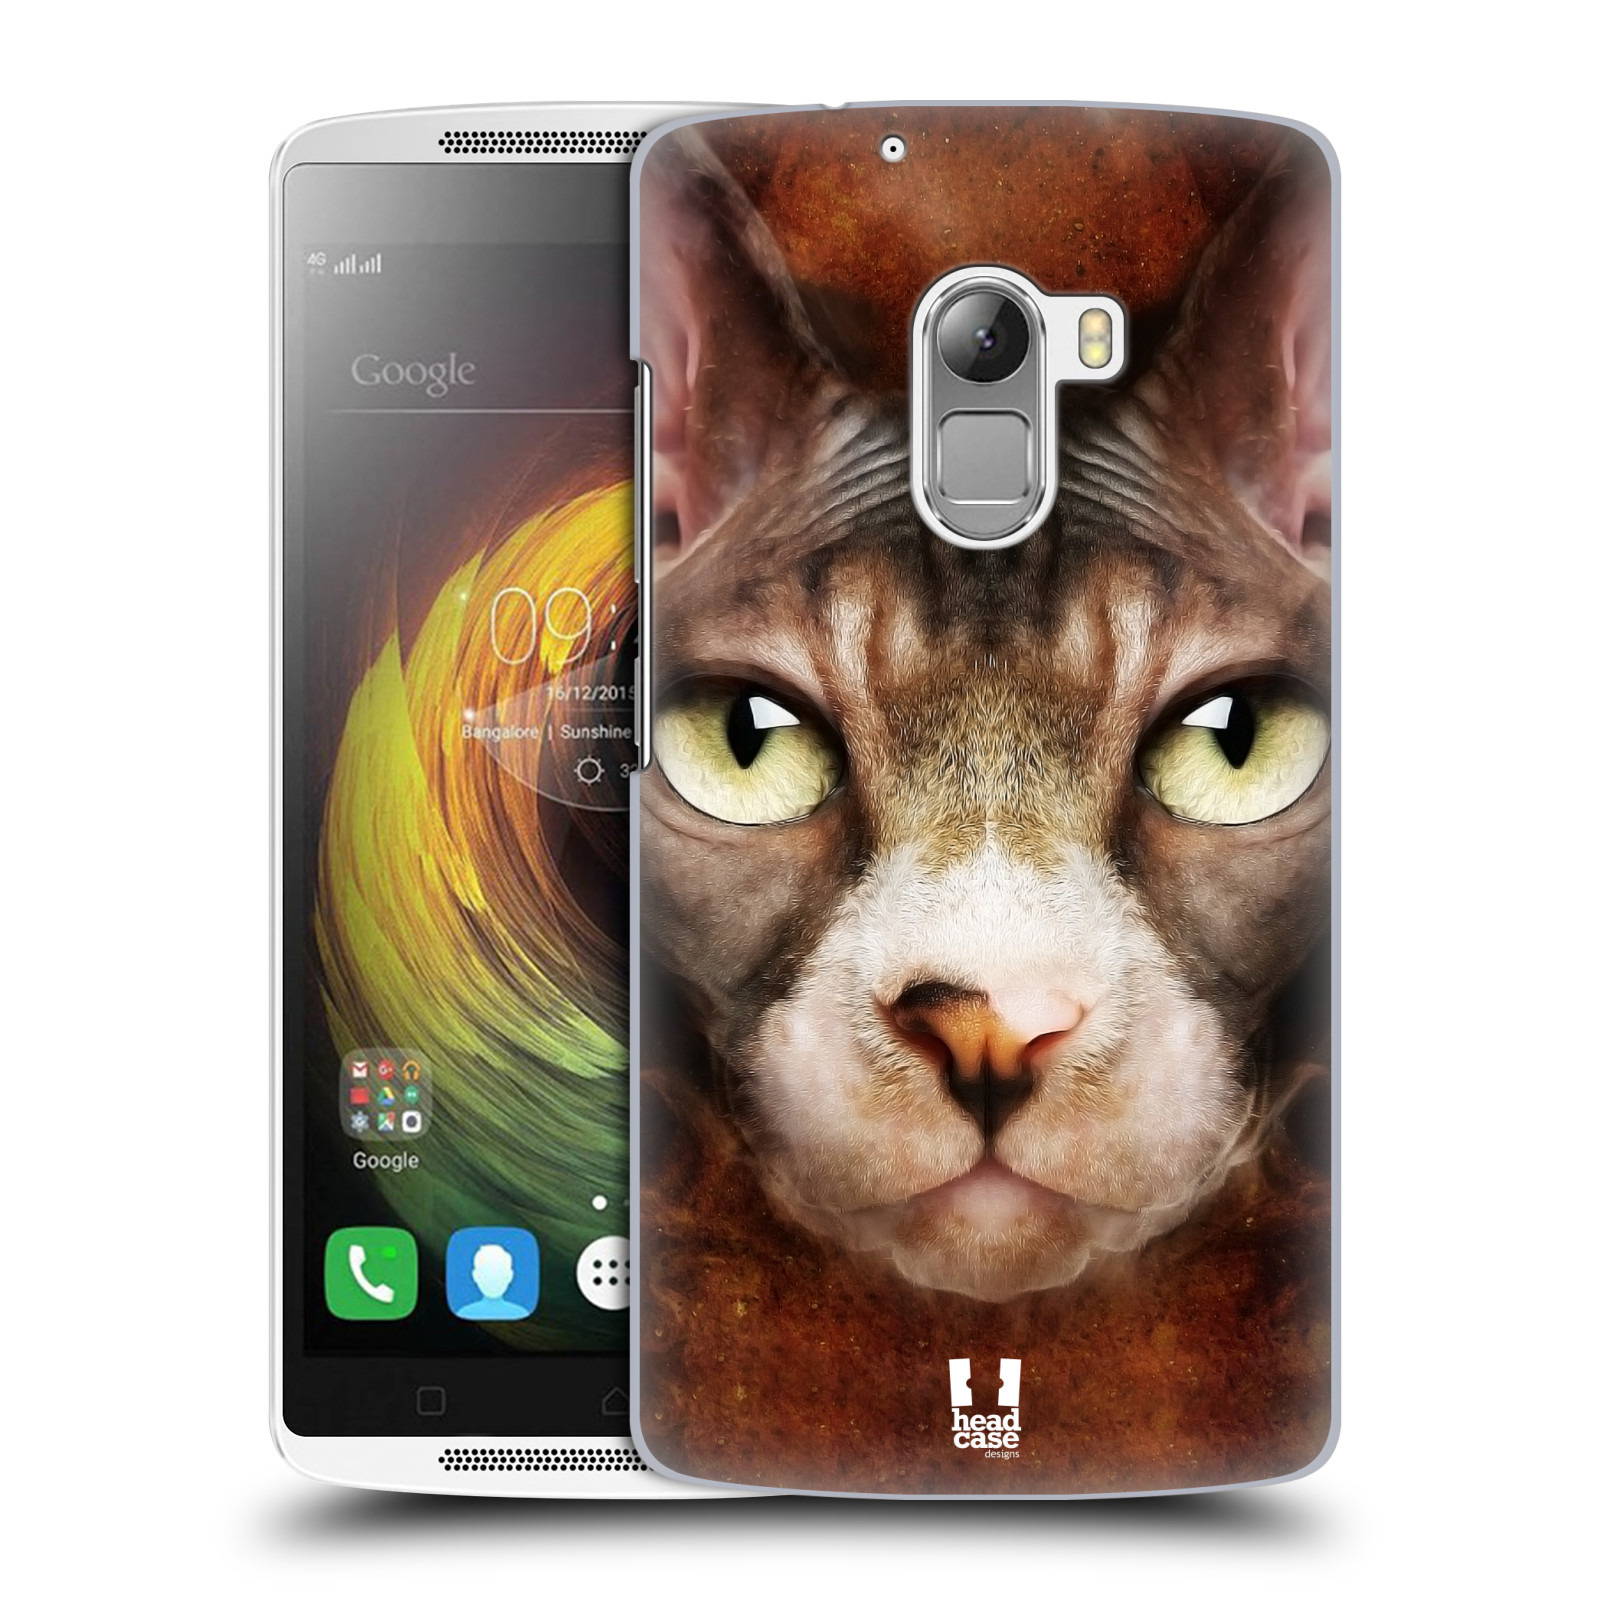 HEAD CASE pevný plastový obal na mobil LENOVO A7010 / A7010 DUAL / K4 Note / Vibe X3 lite vzor Zvířecí tváře kočka sphynx